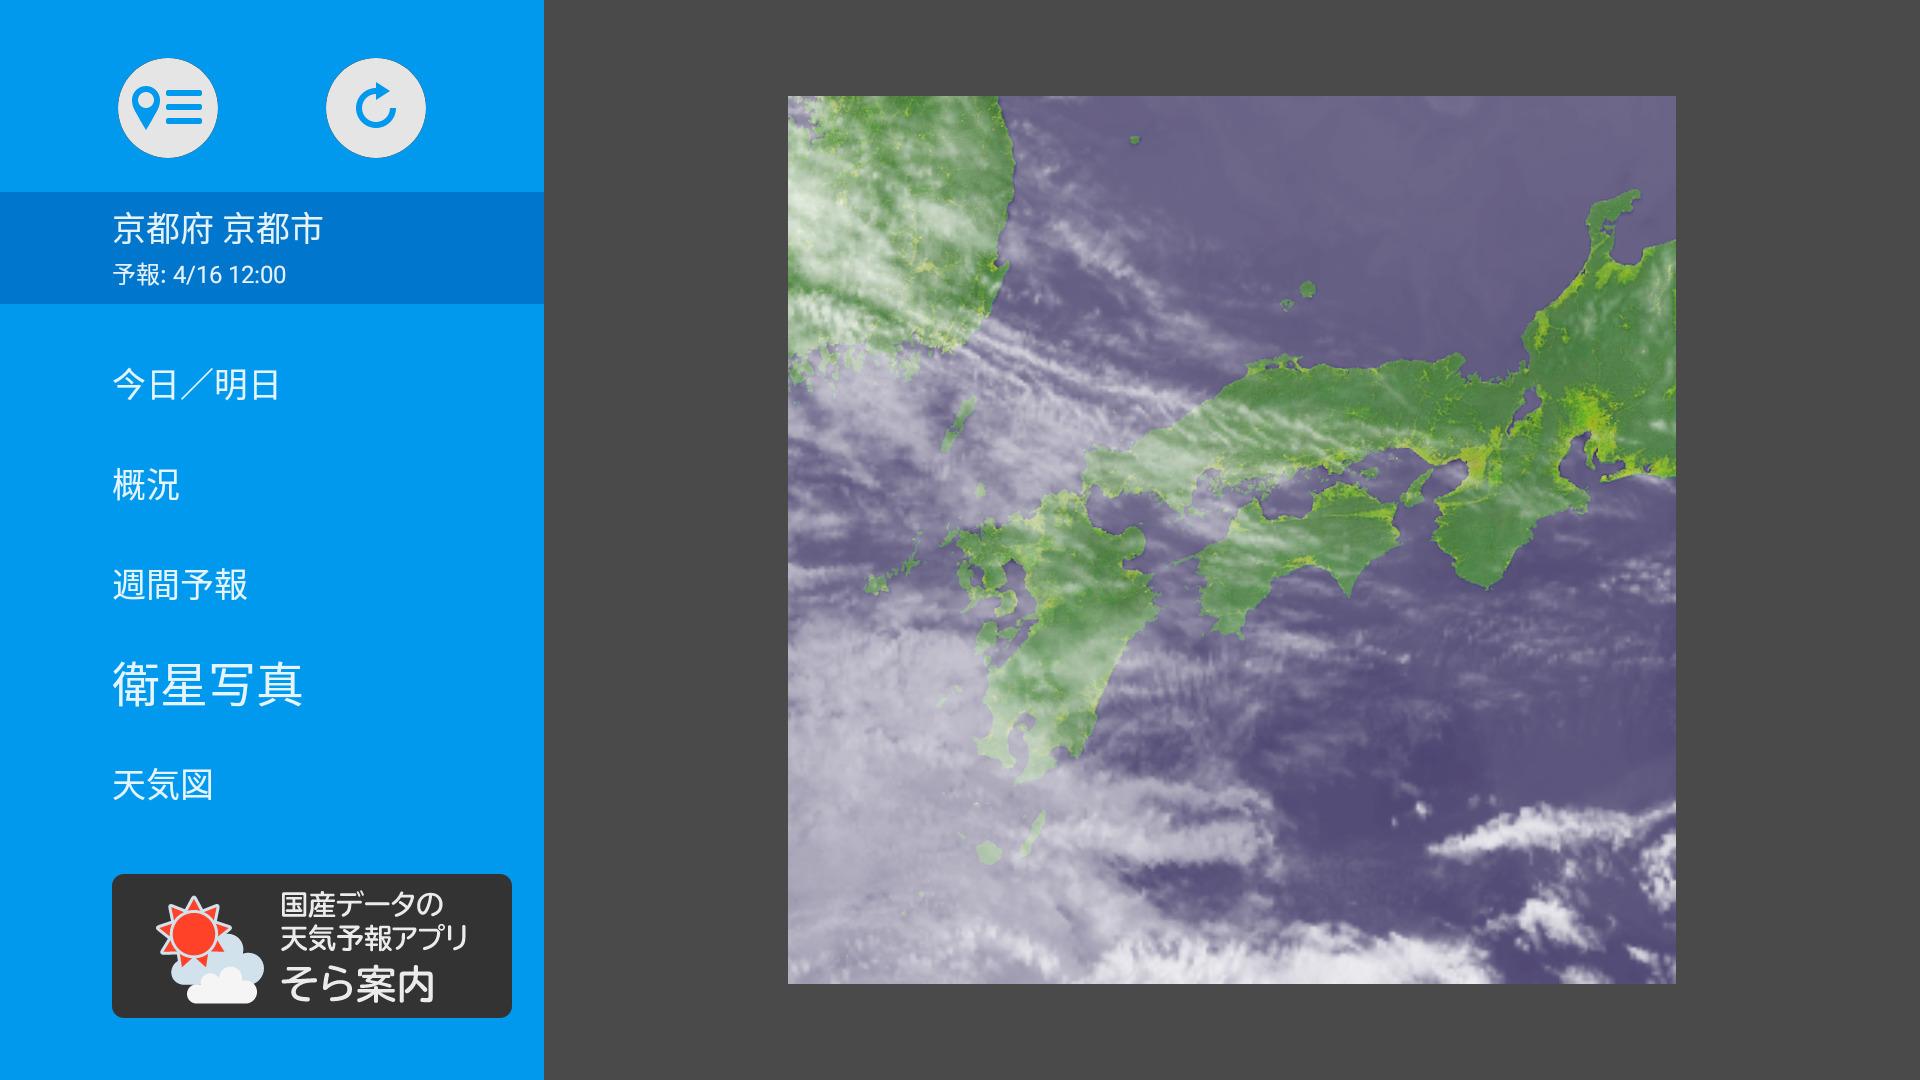 天気予報アプリ「そら案内」Android TV版2